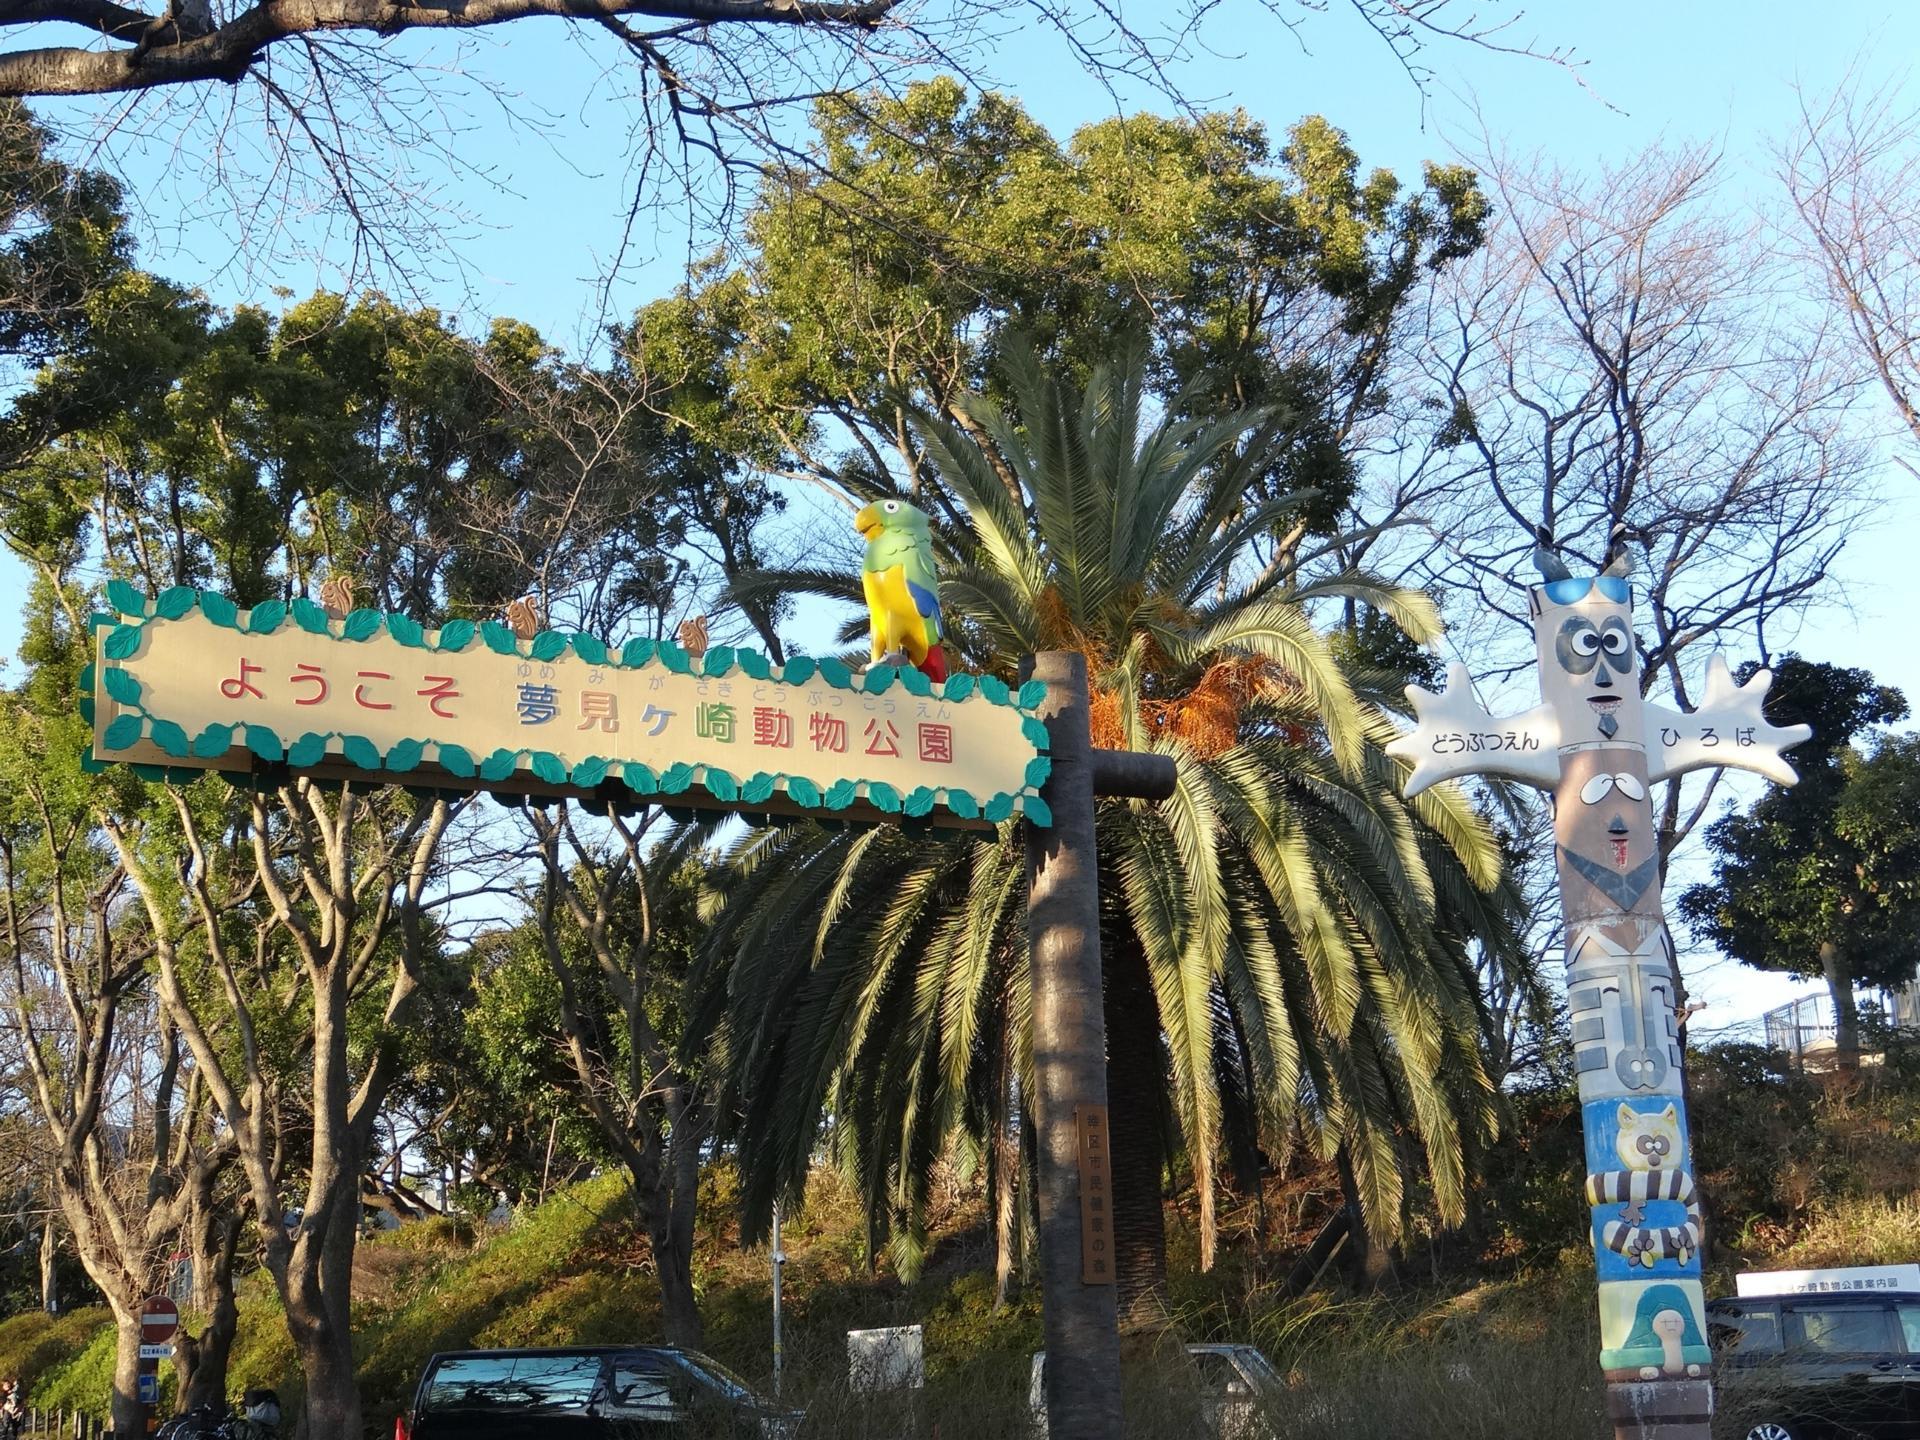 夢見 が 崎 動物園 無料の動物園は高台で眺めも良し!川崎「夢見ヶ崎動物公園」